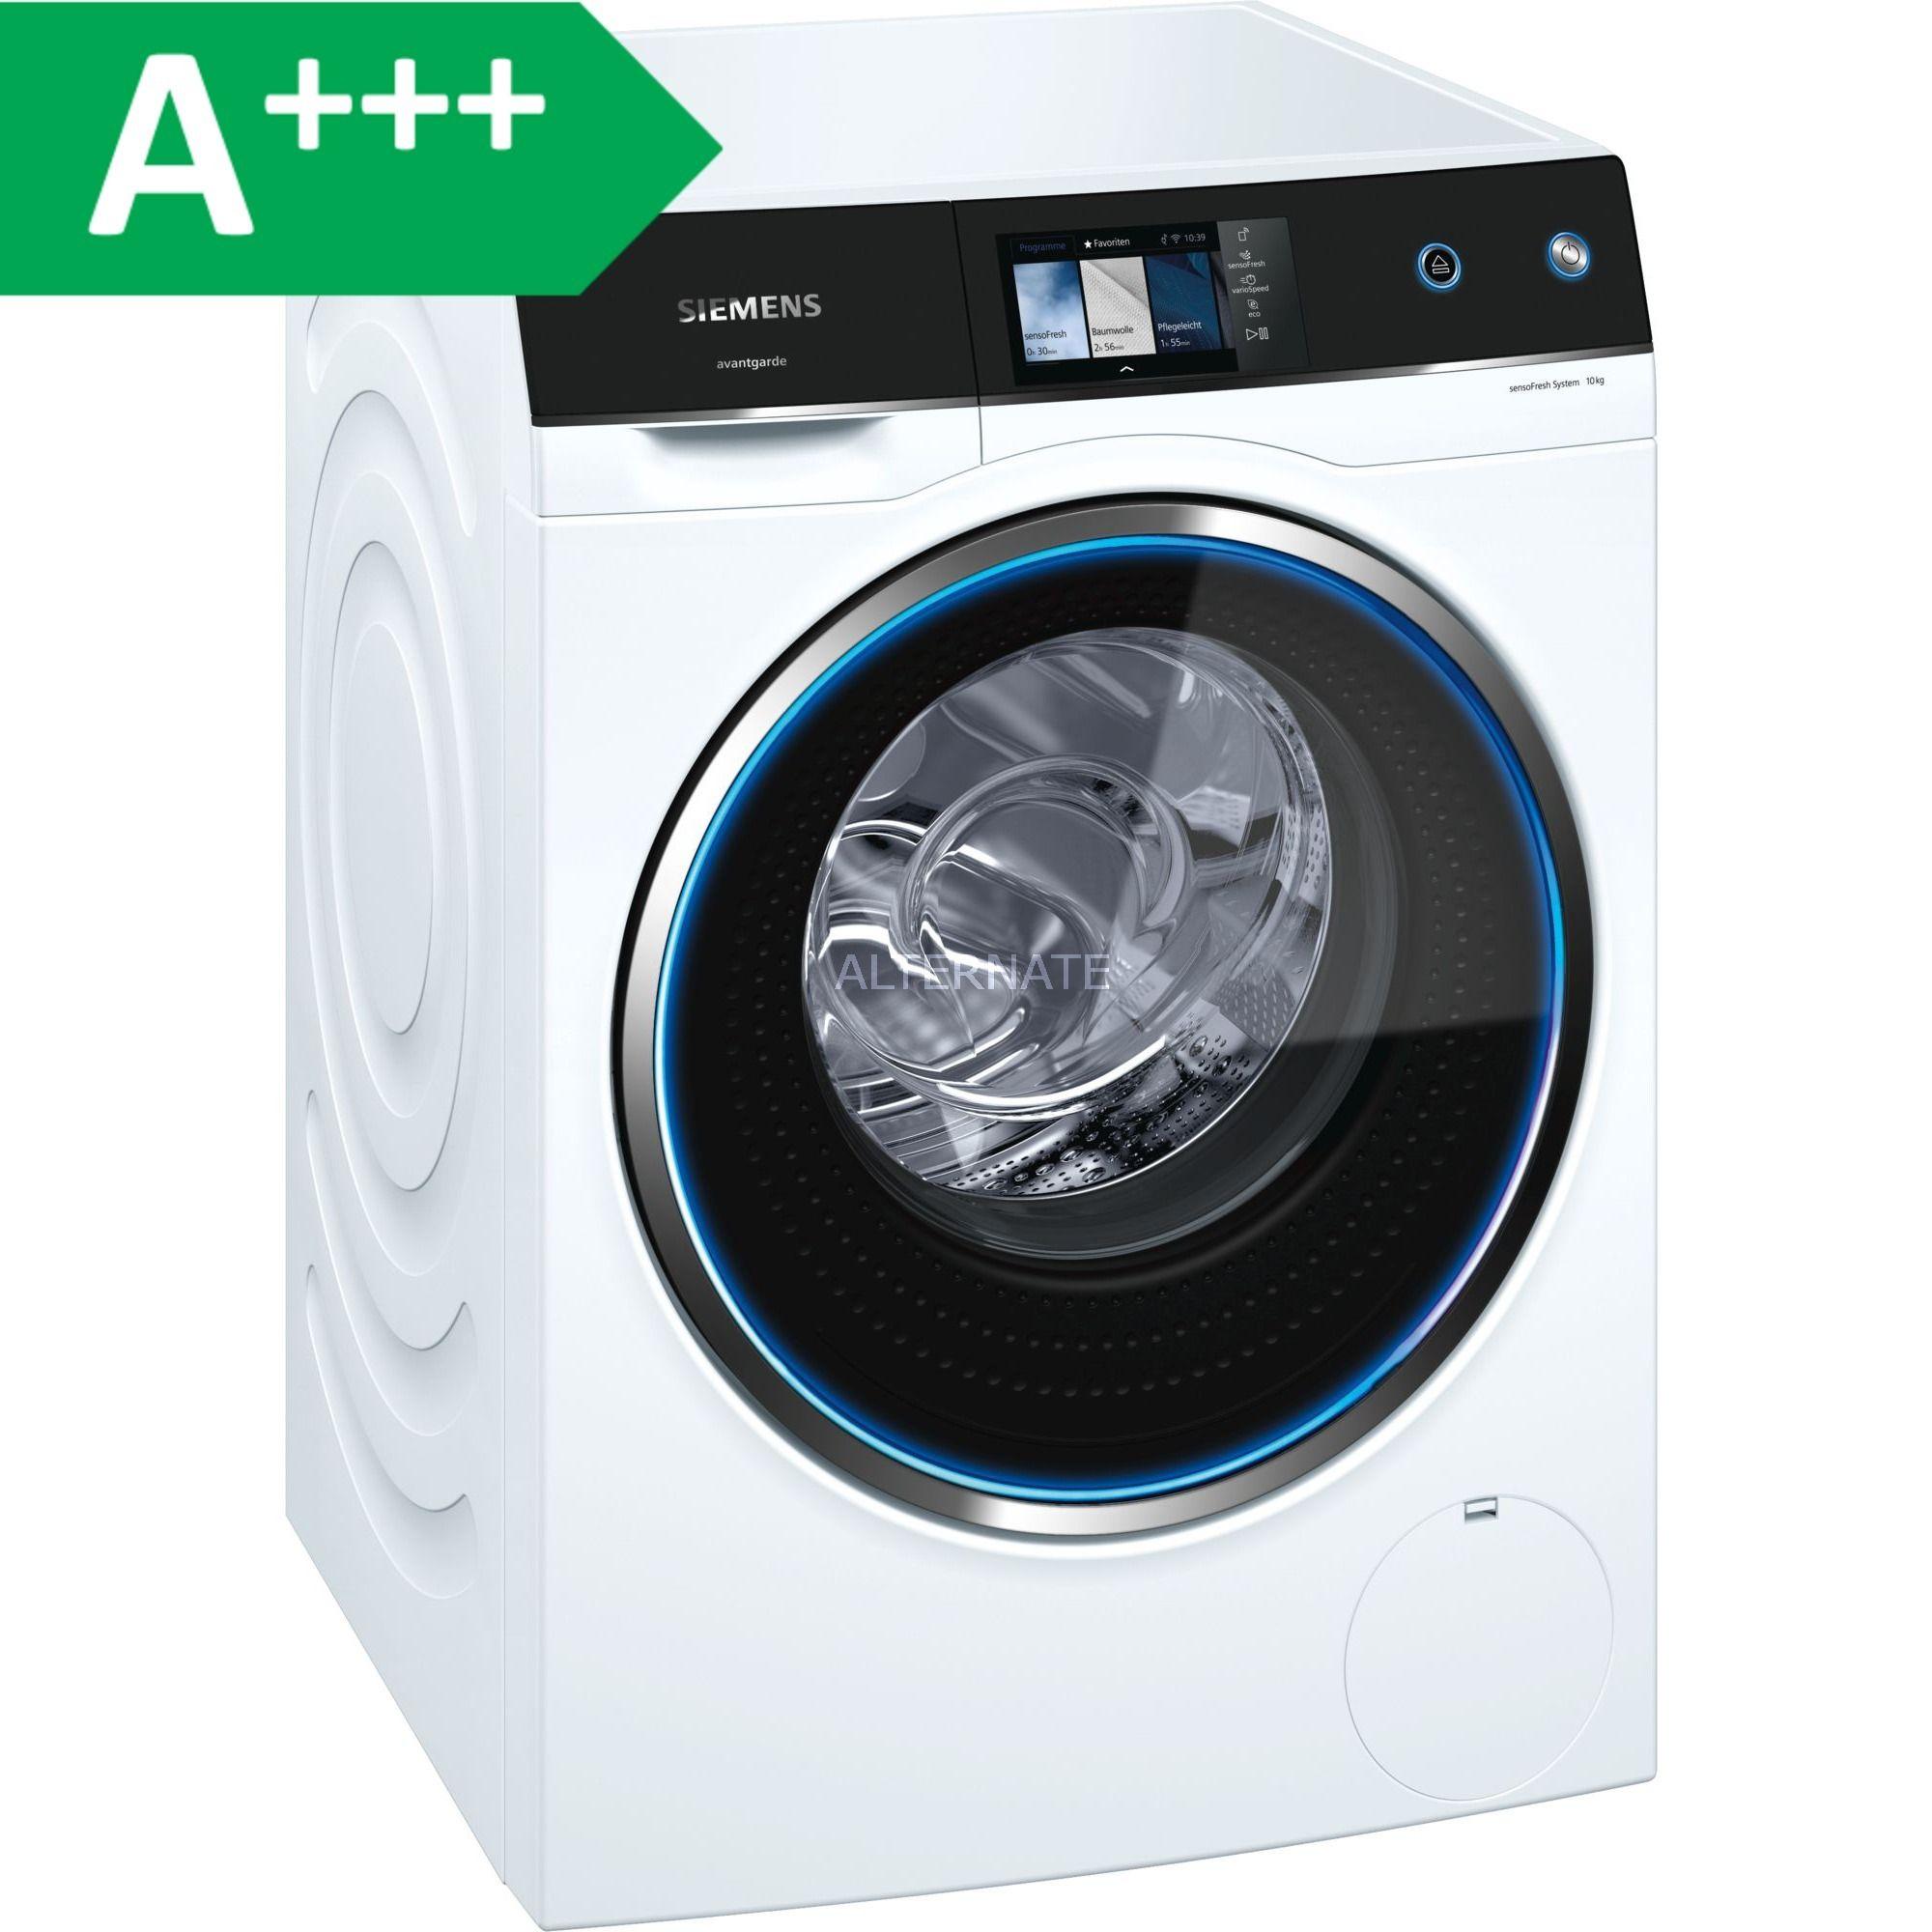 Die Waschmaschine Siemens Wm14u940eu Avantgarde Der Design Linie Avantgarde Bietet Eine Aussergew Waschmaschine Trockner Auf Waschmaschine Siemens Waschmaschine